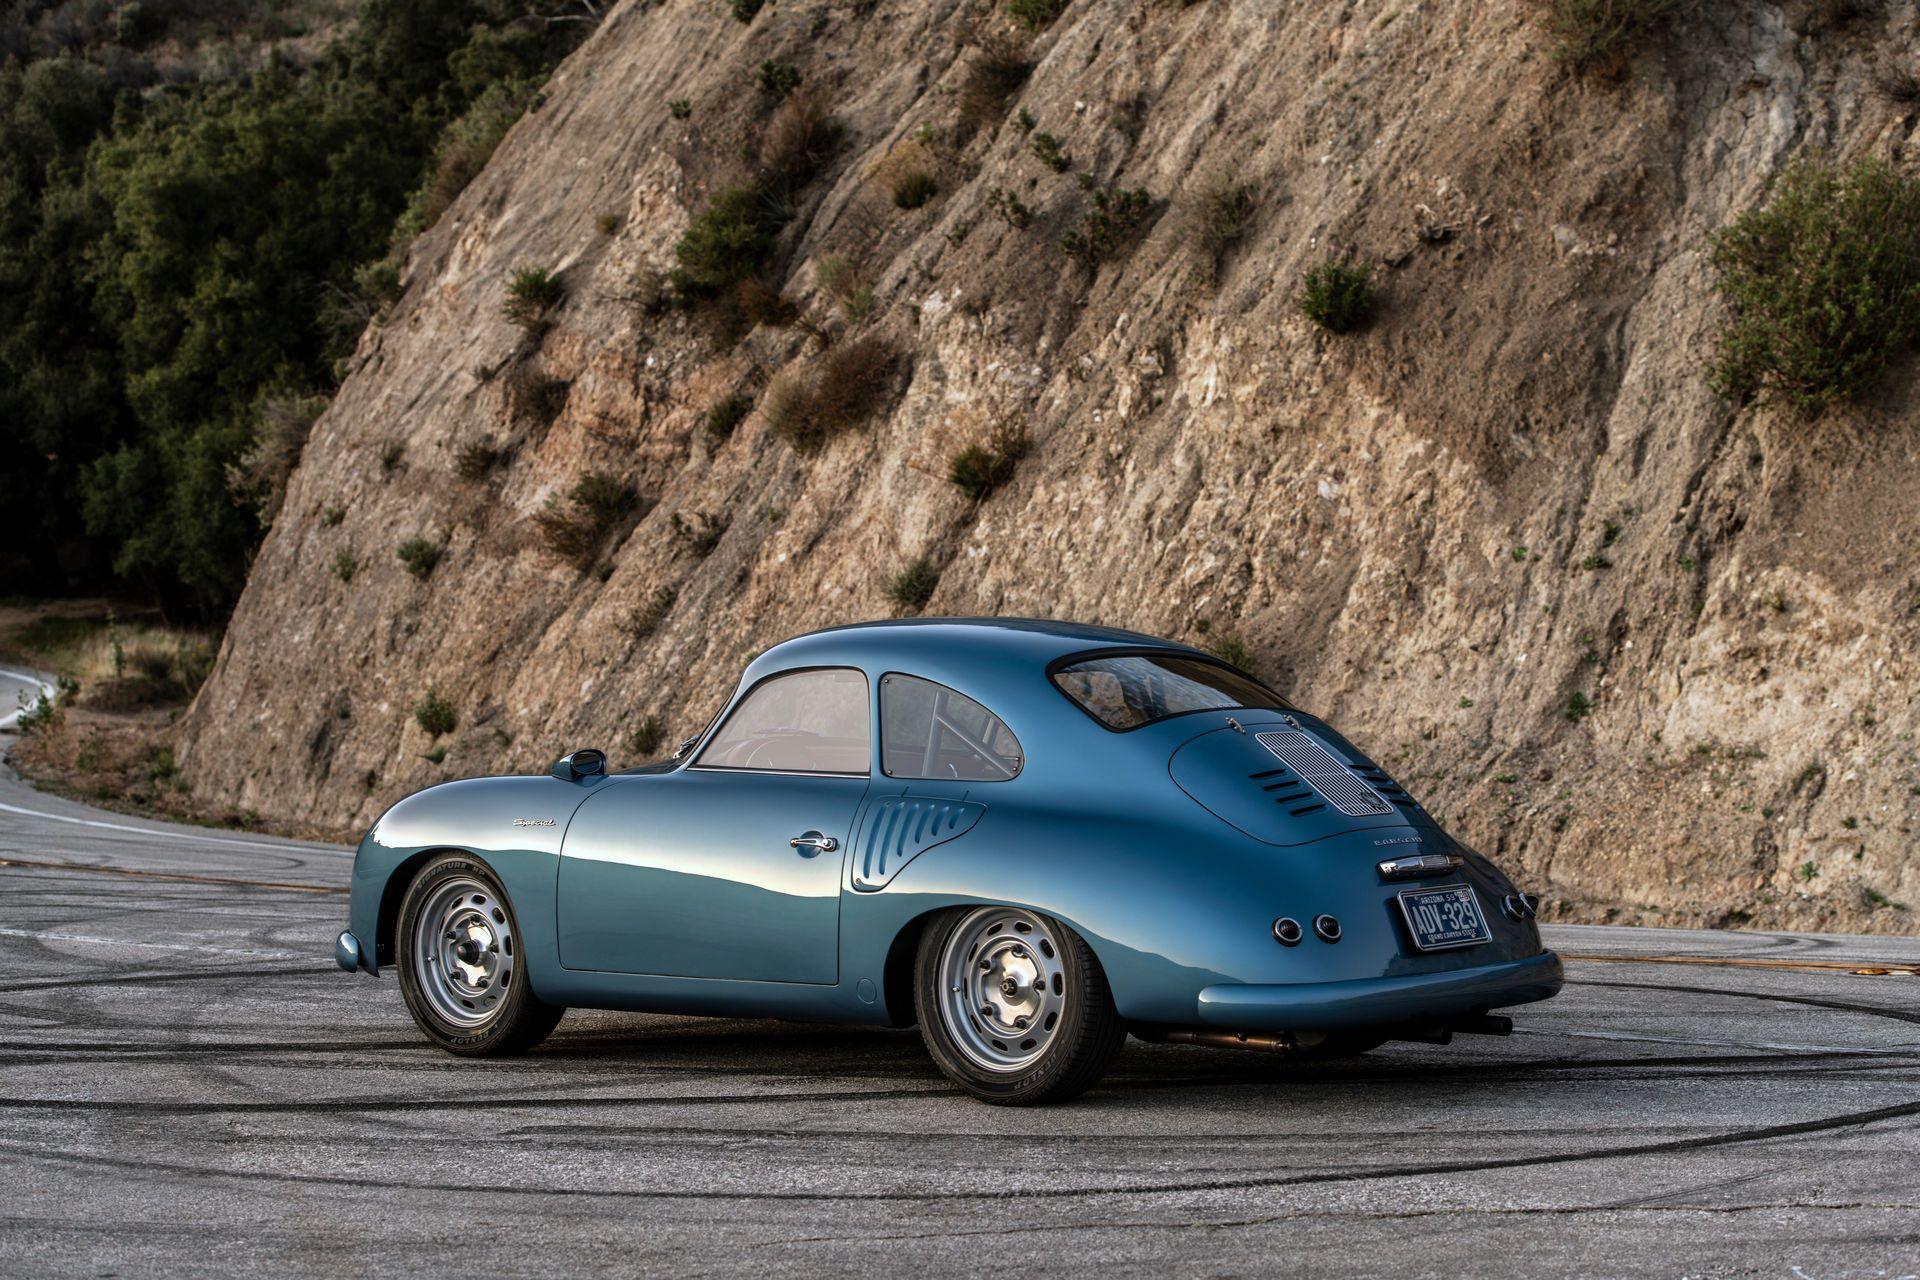 Porsche-356-A-Coupe-Restomod-Emory-Motorsports-47